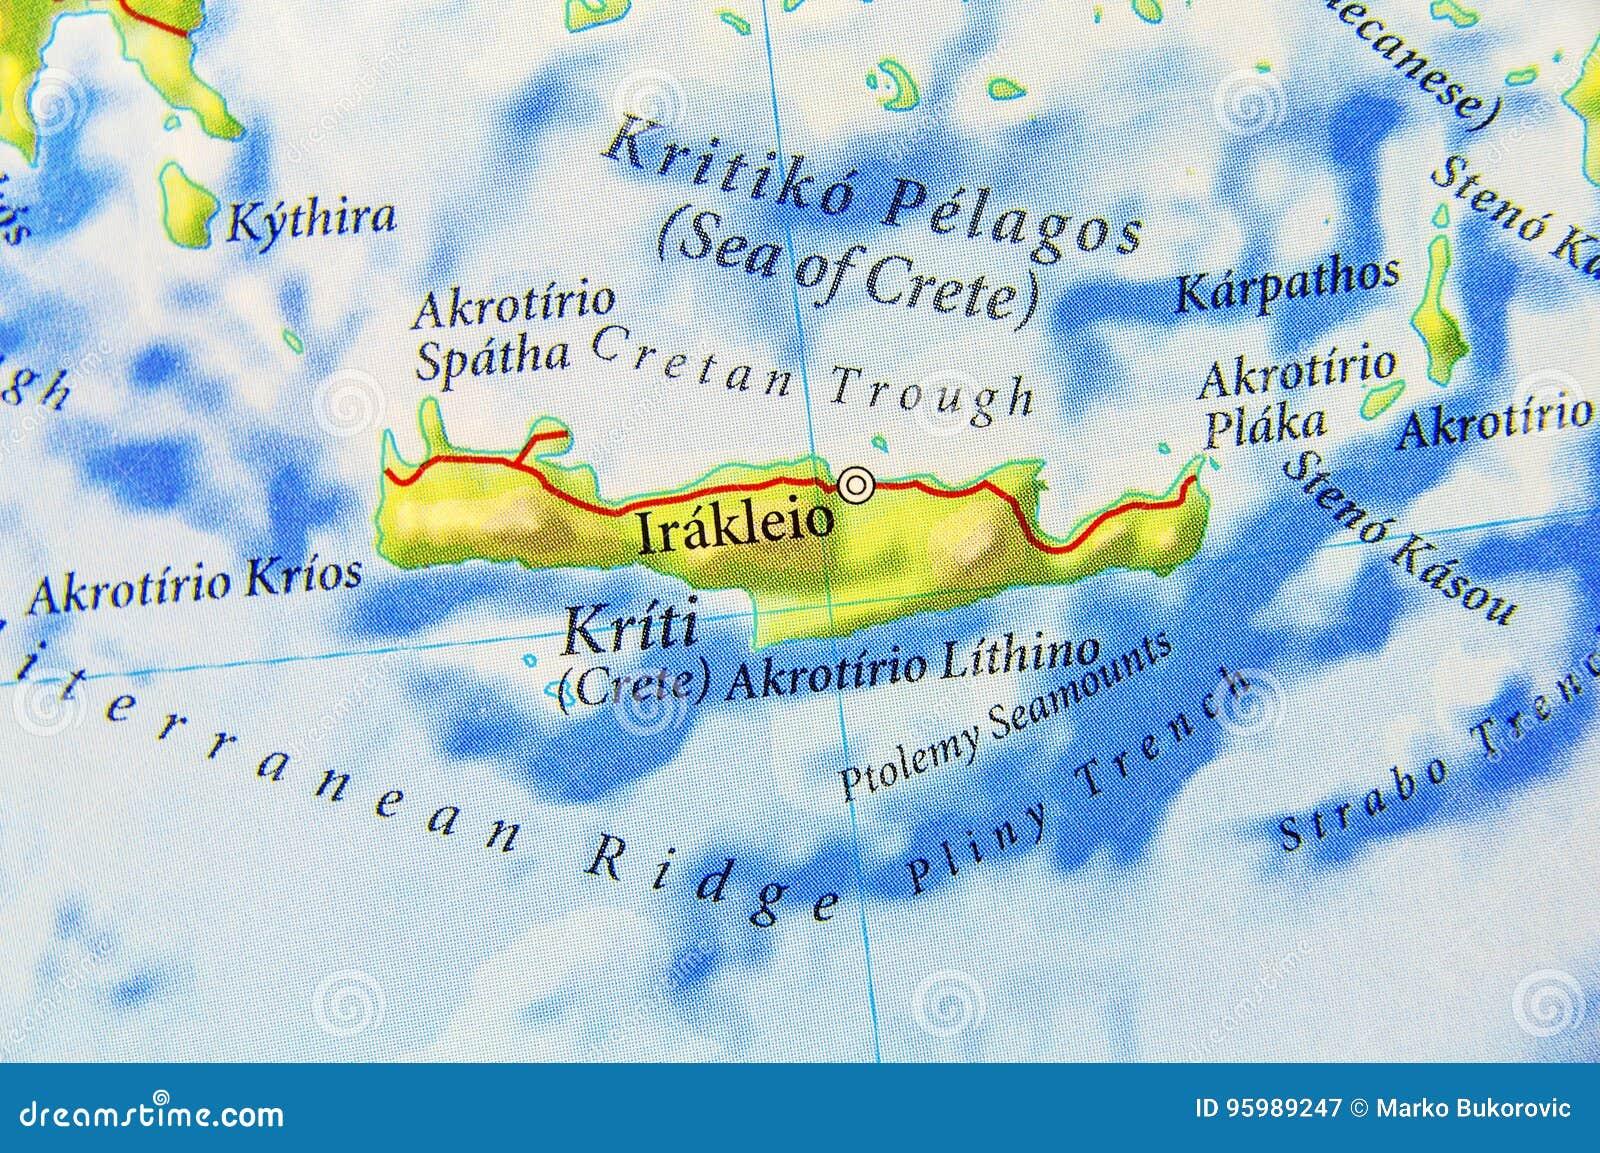 Griechenland Karte Kreta.Geographische Karte Von Europaer Griechenland Insel Kreta